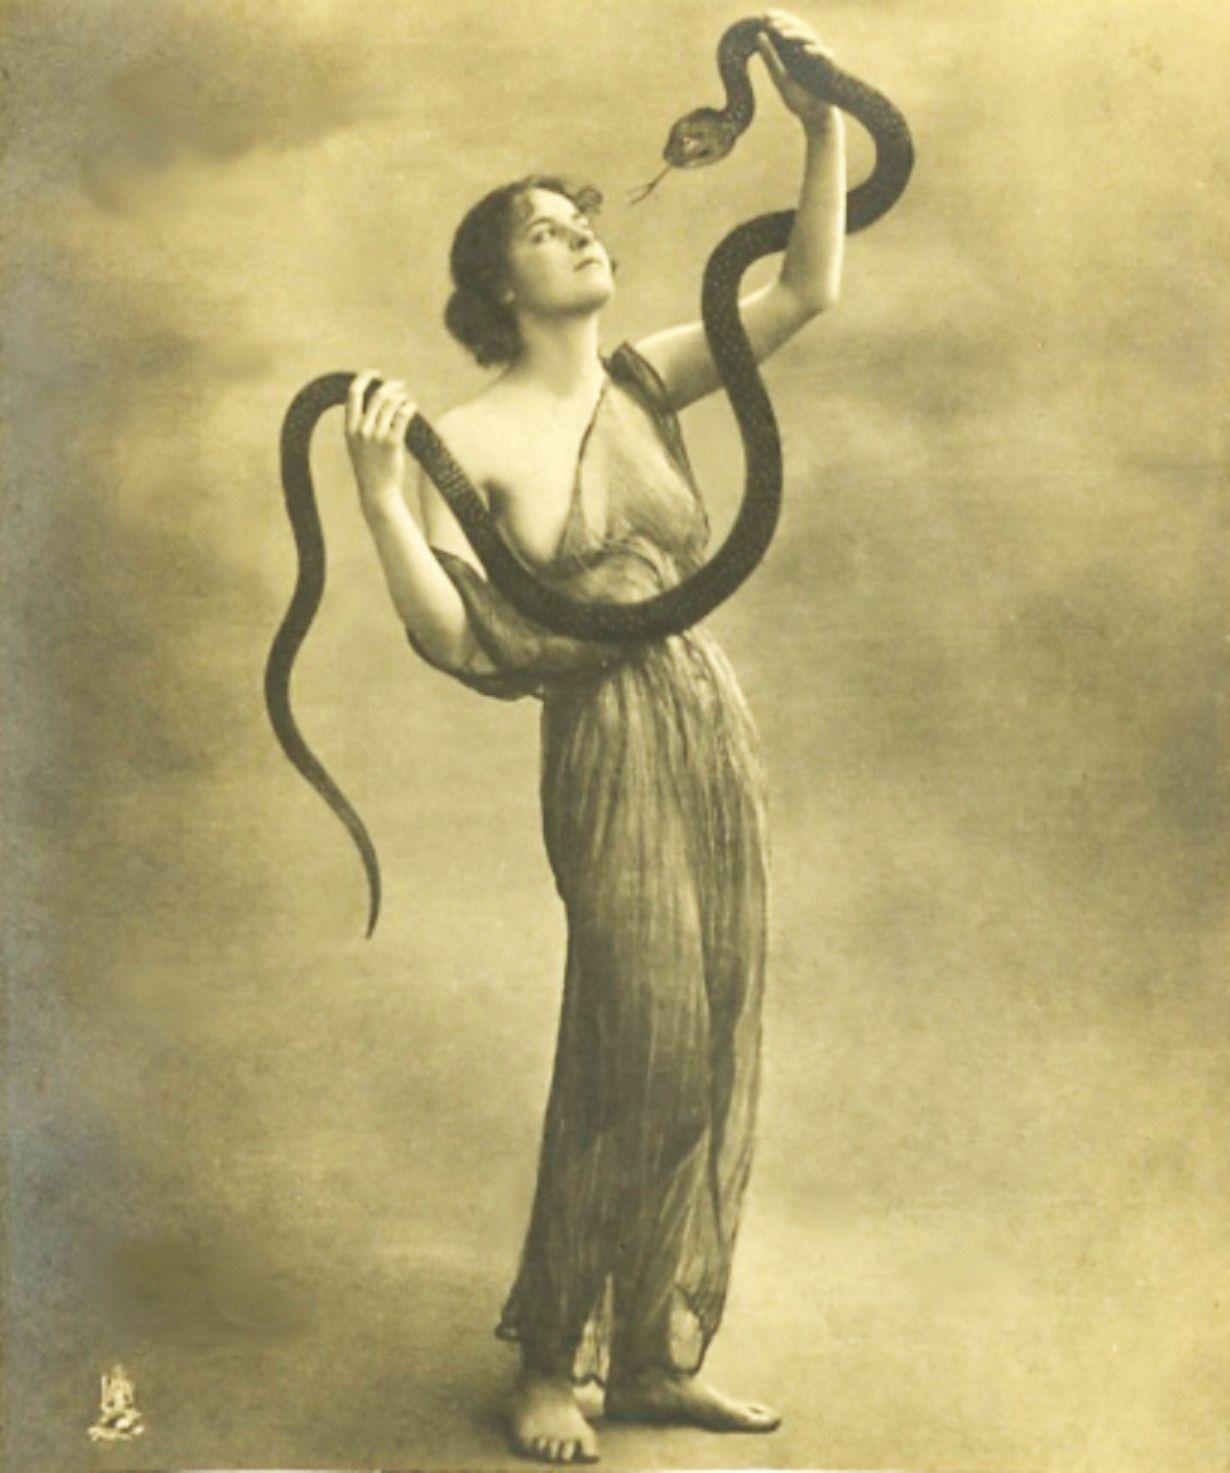 Pin en Lilith Le serpent the bad Ève Von Stuck et ses